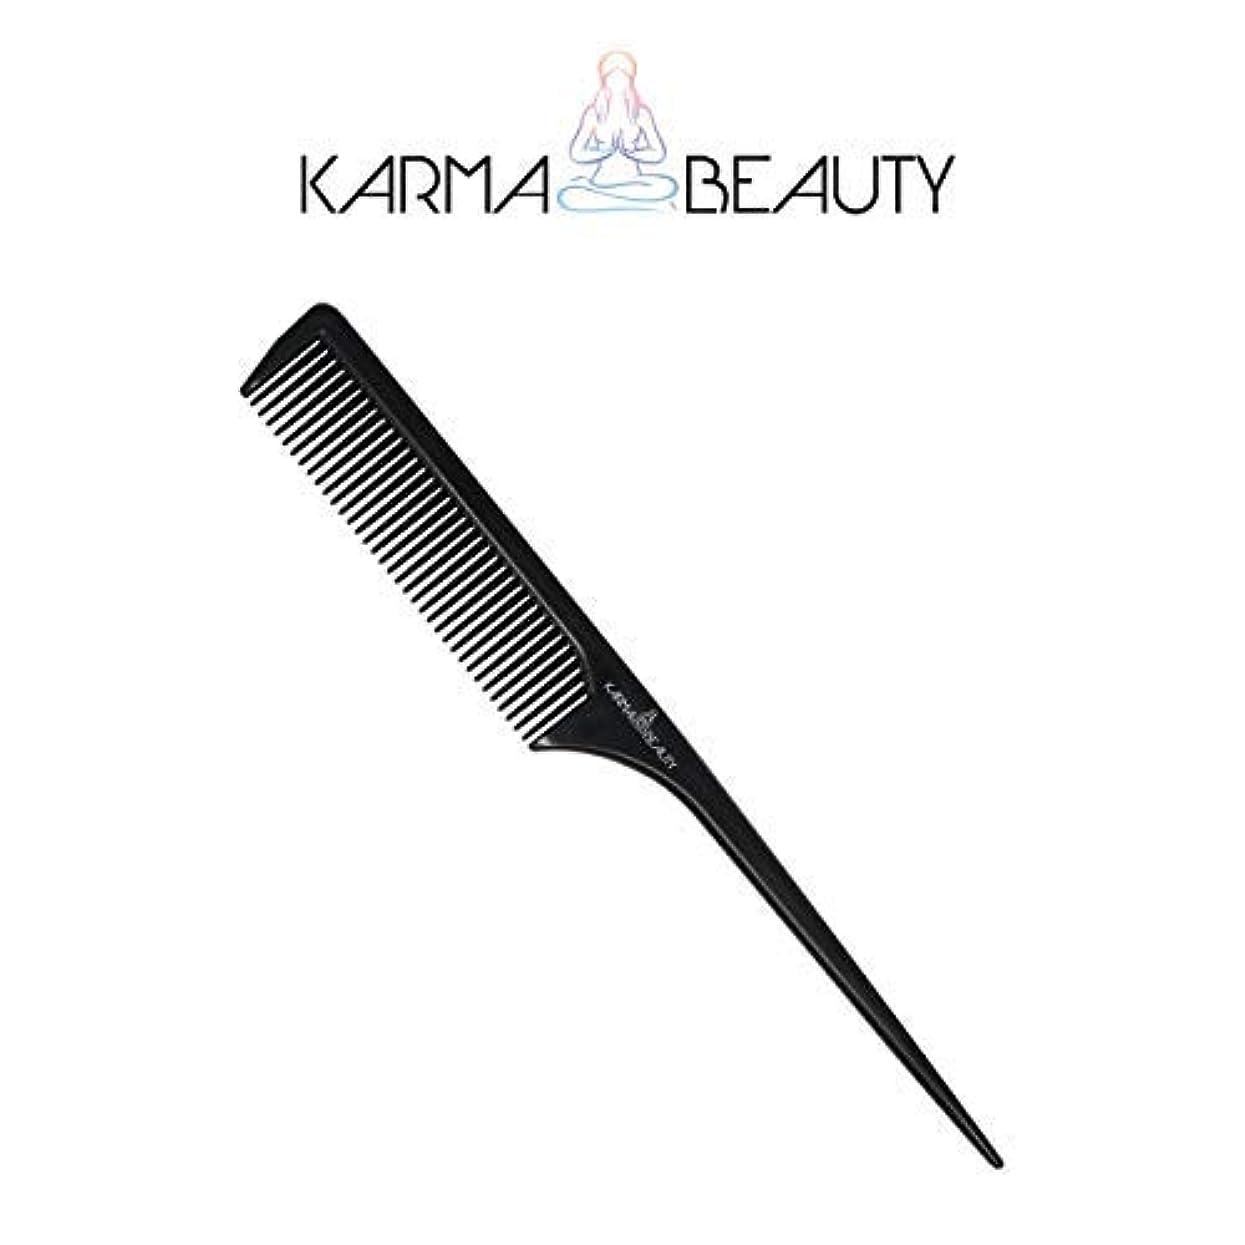 眠っているに応じて宇宙Tail Comb   Fine Tooth Hair Comb   Thin and Long Handle   Teasing Comb   For All Hair Type   Karma Beauty   (Black...